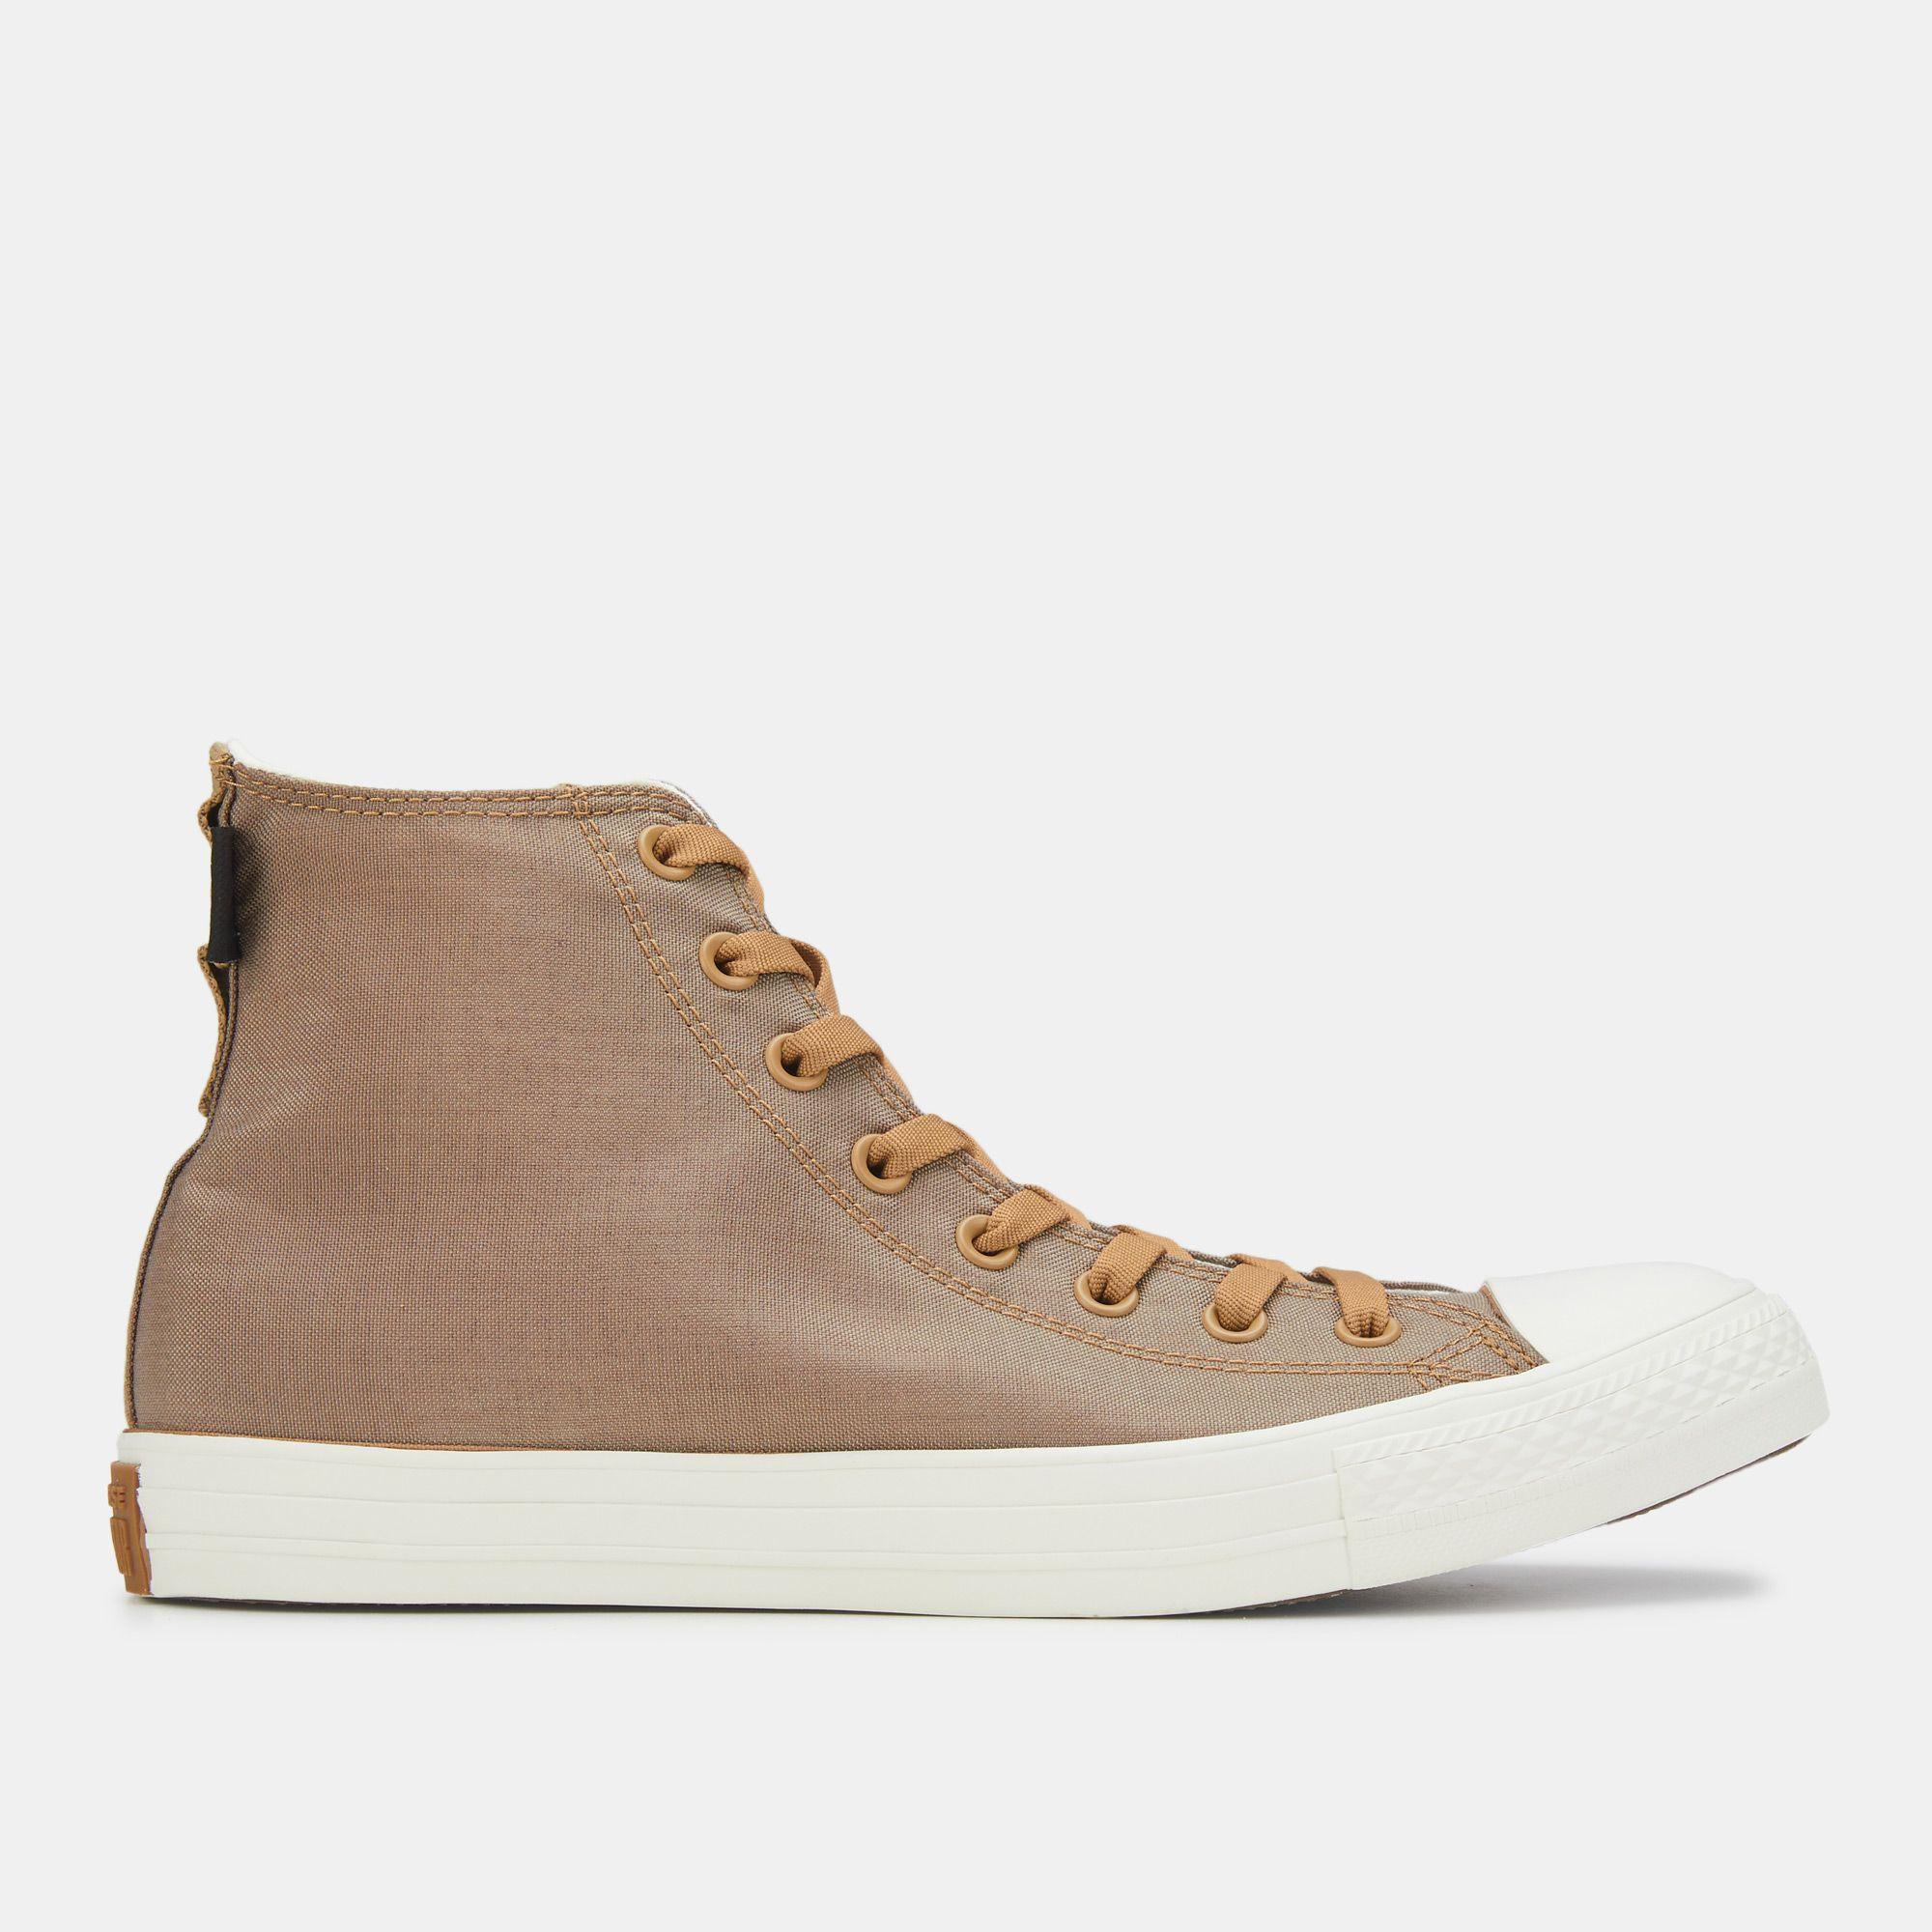 e9d4a1784e3f Converse Chuck Taylor All Star Cordura High-Top Shoe